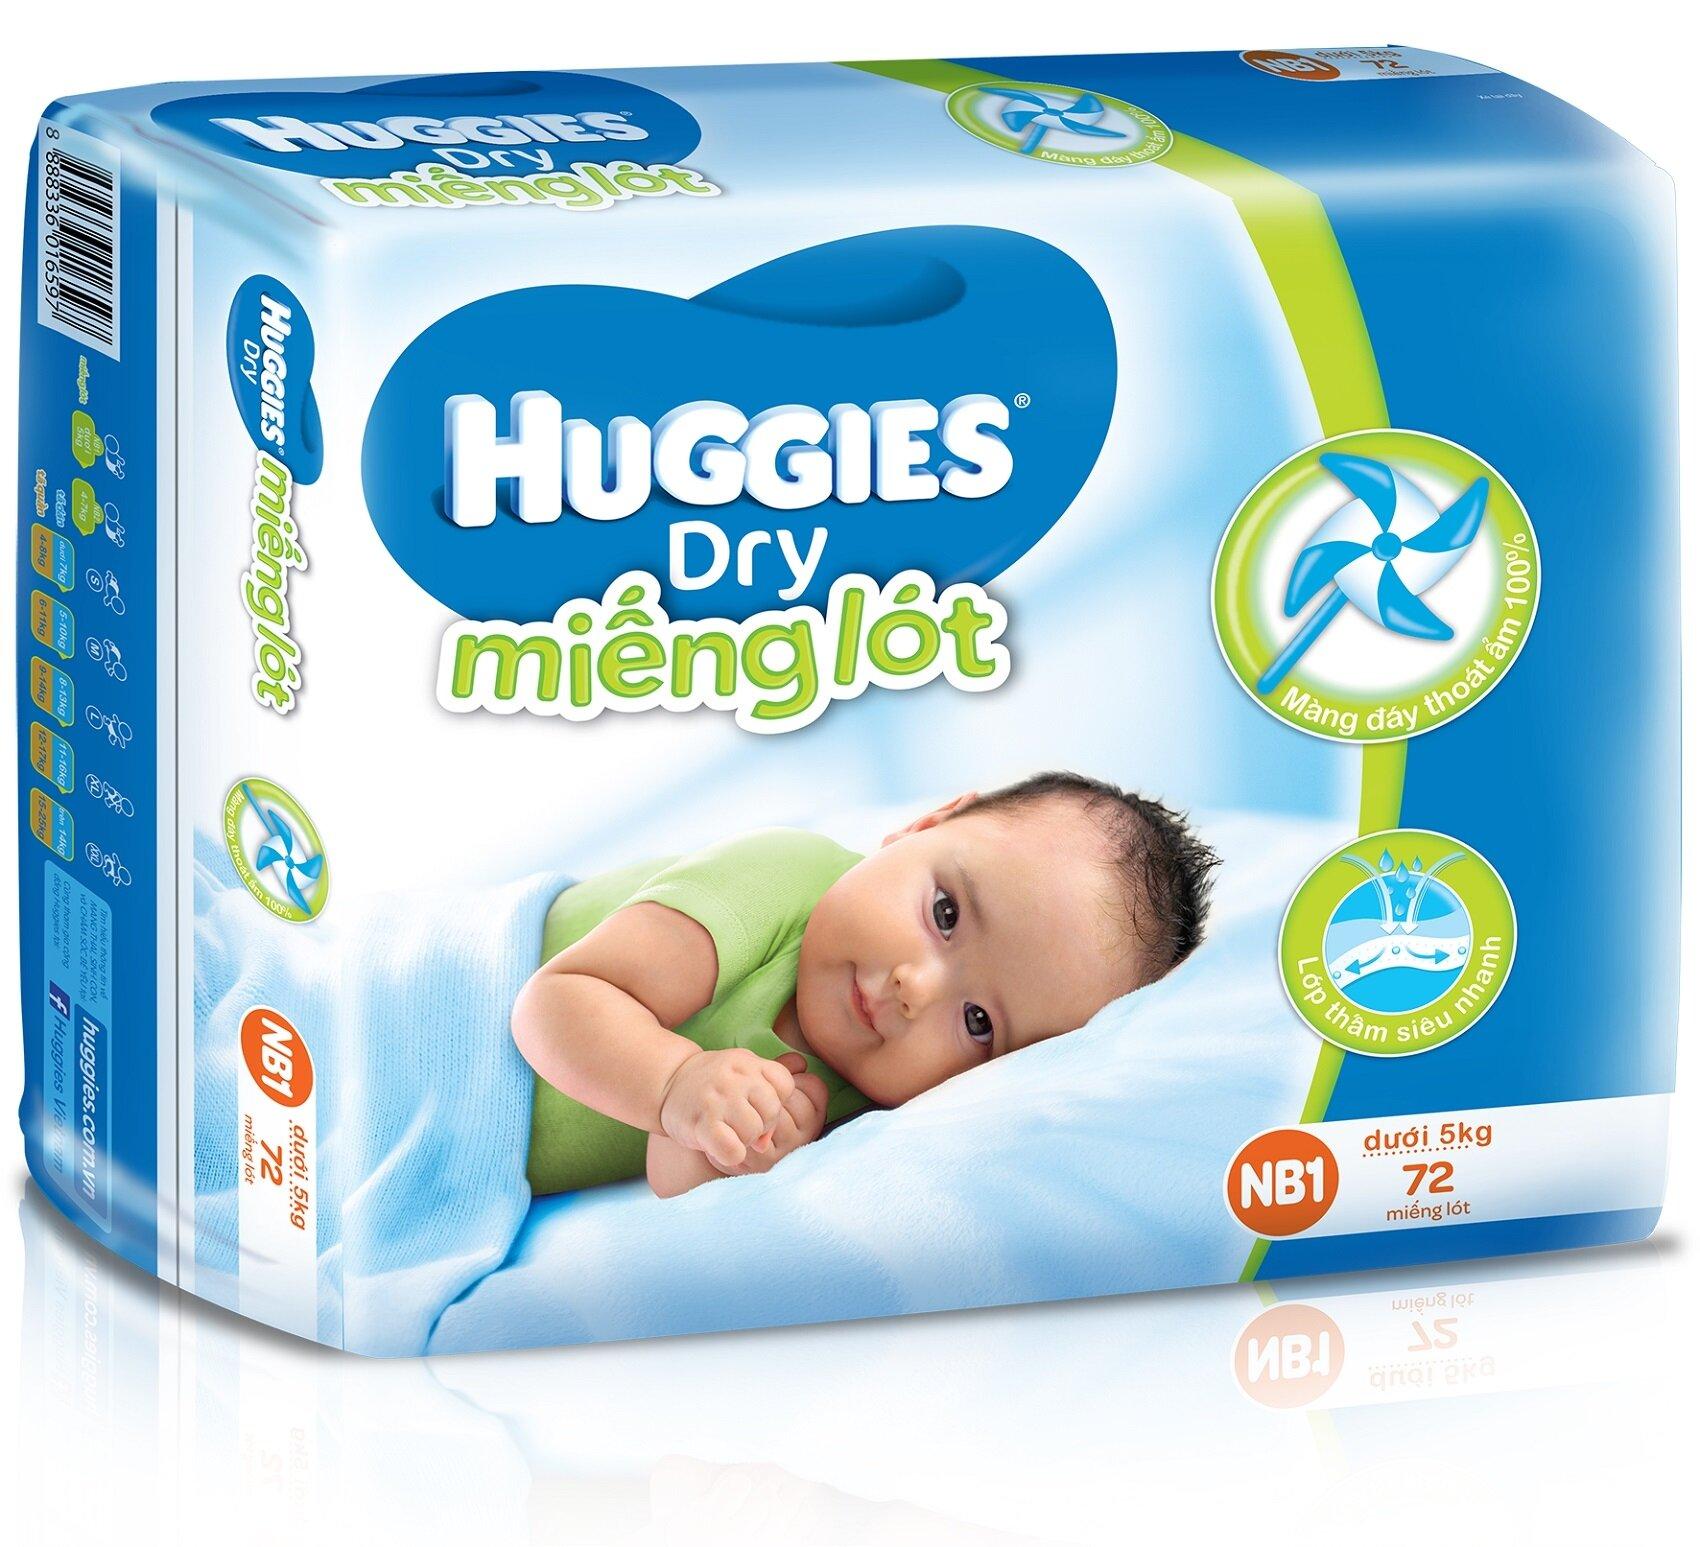 Miếng lót Huggies Newborn 1 (dưới 5kg)